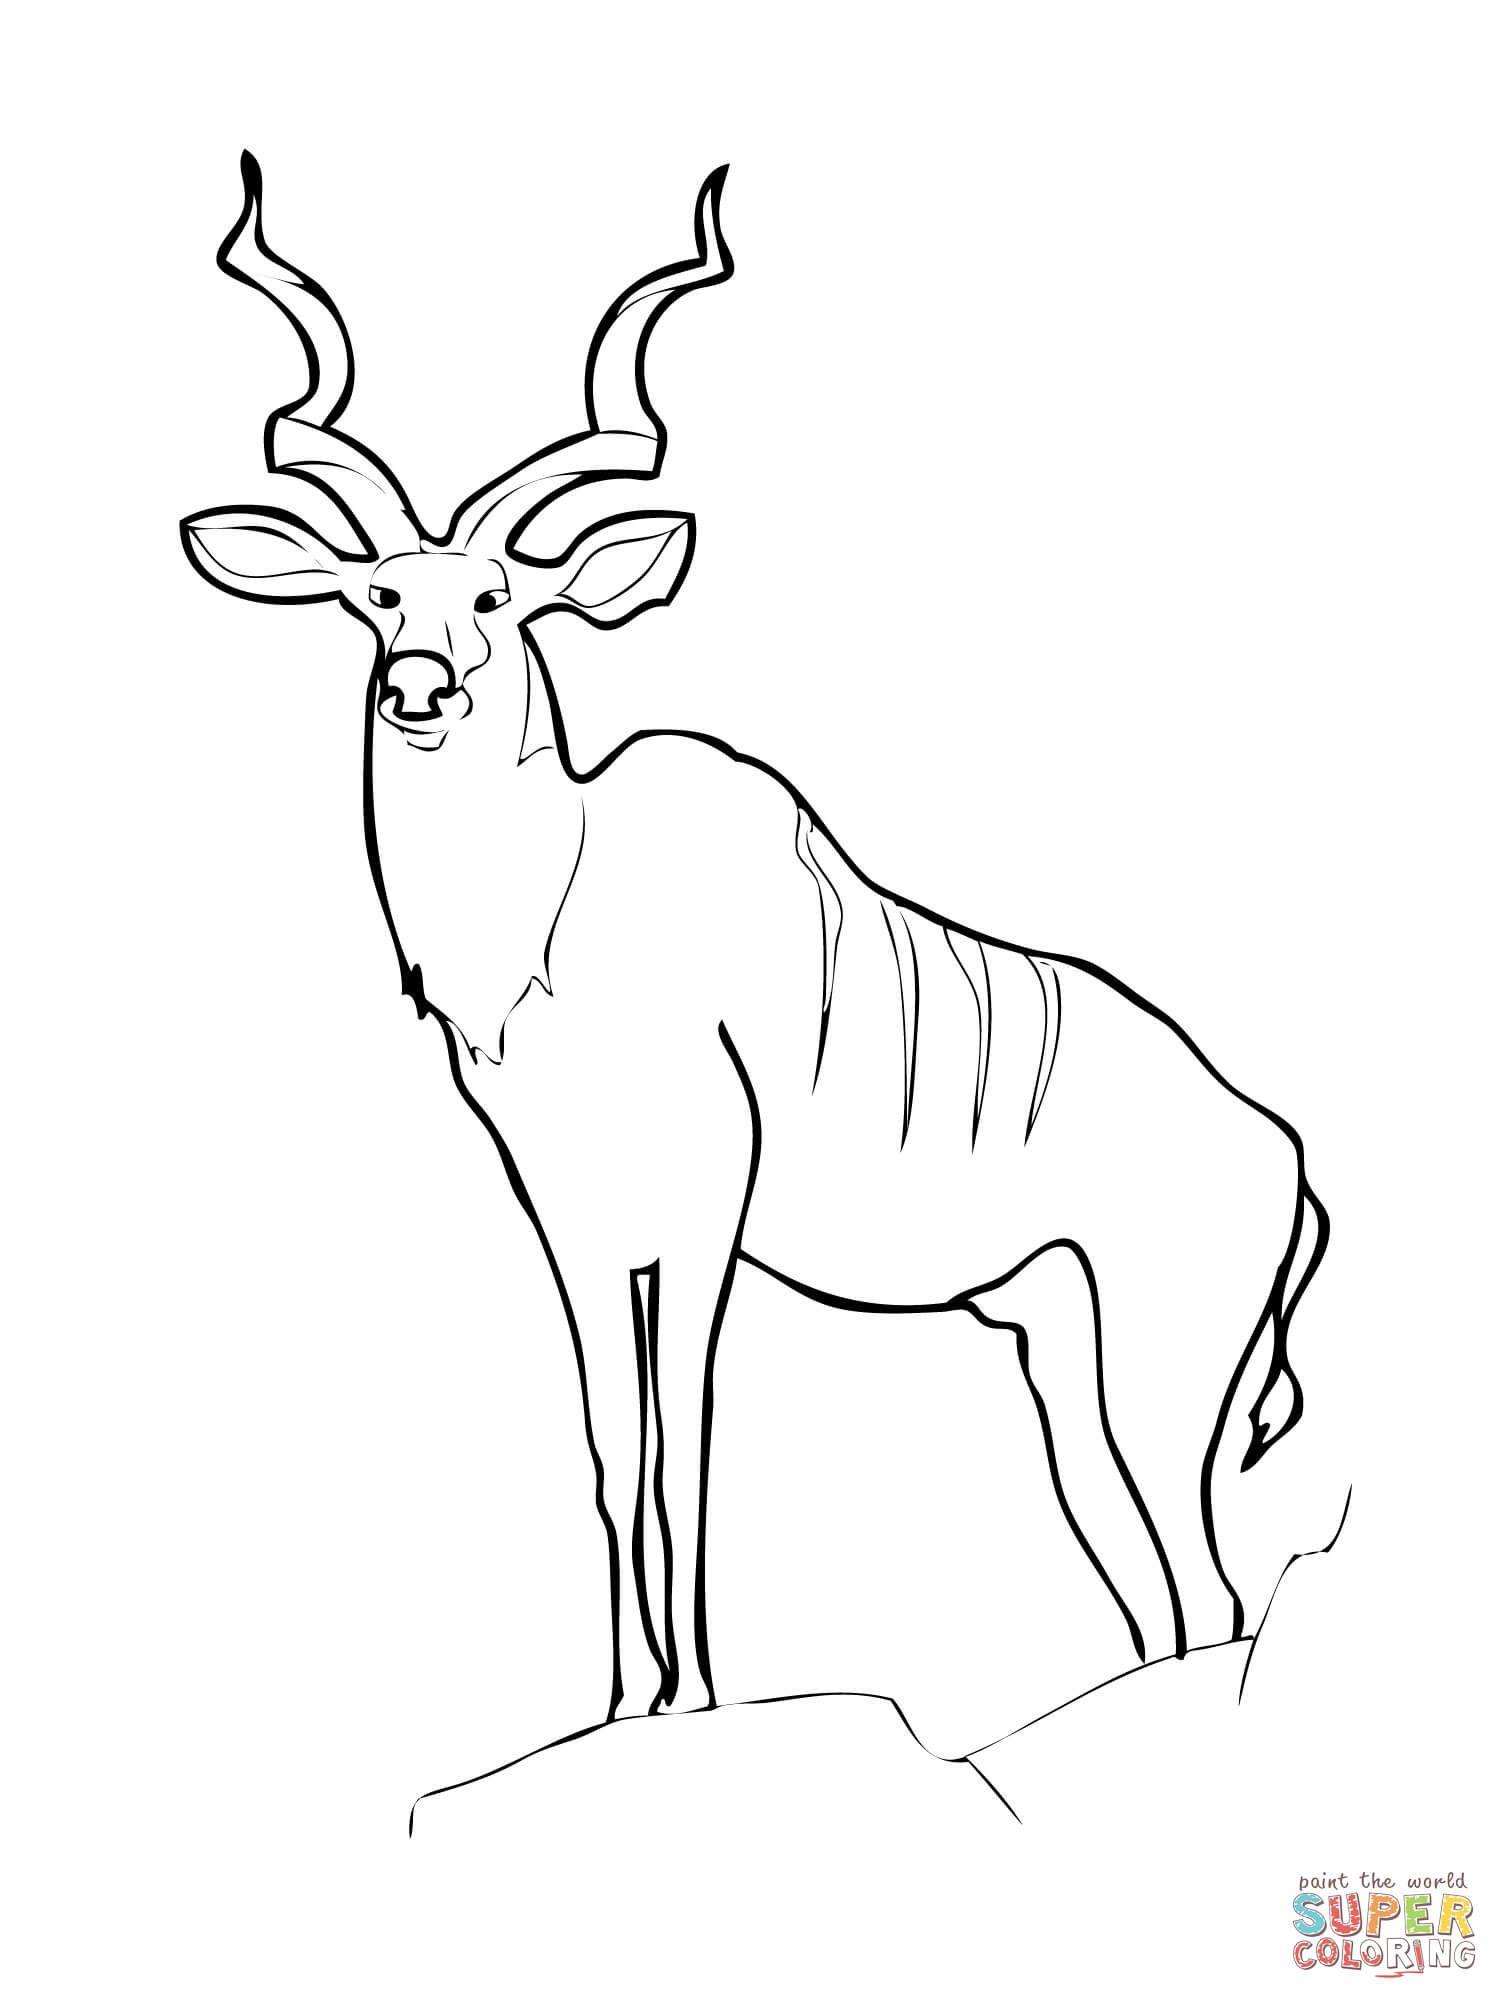 Kudu Antelope Coloring page Free Printable Coloring